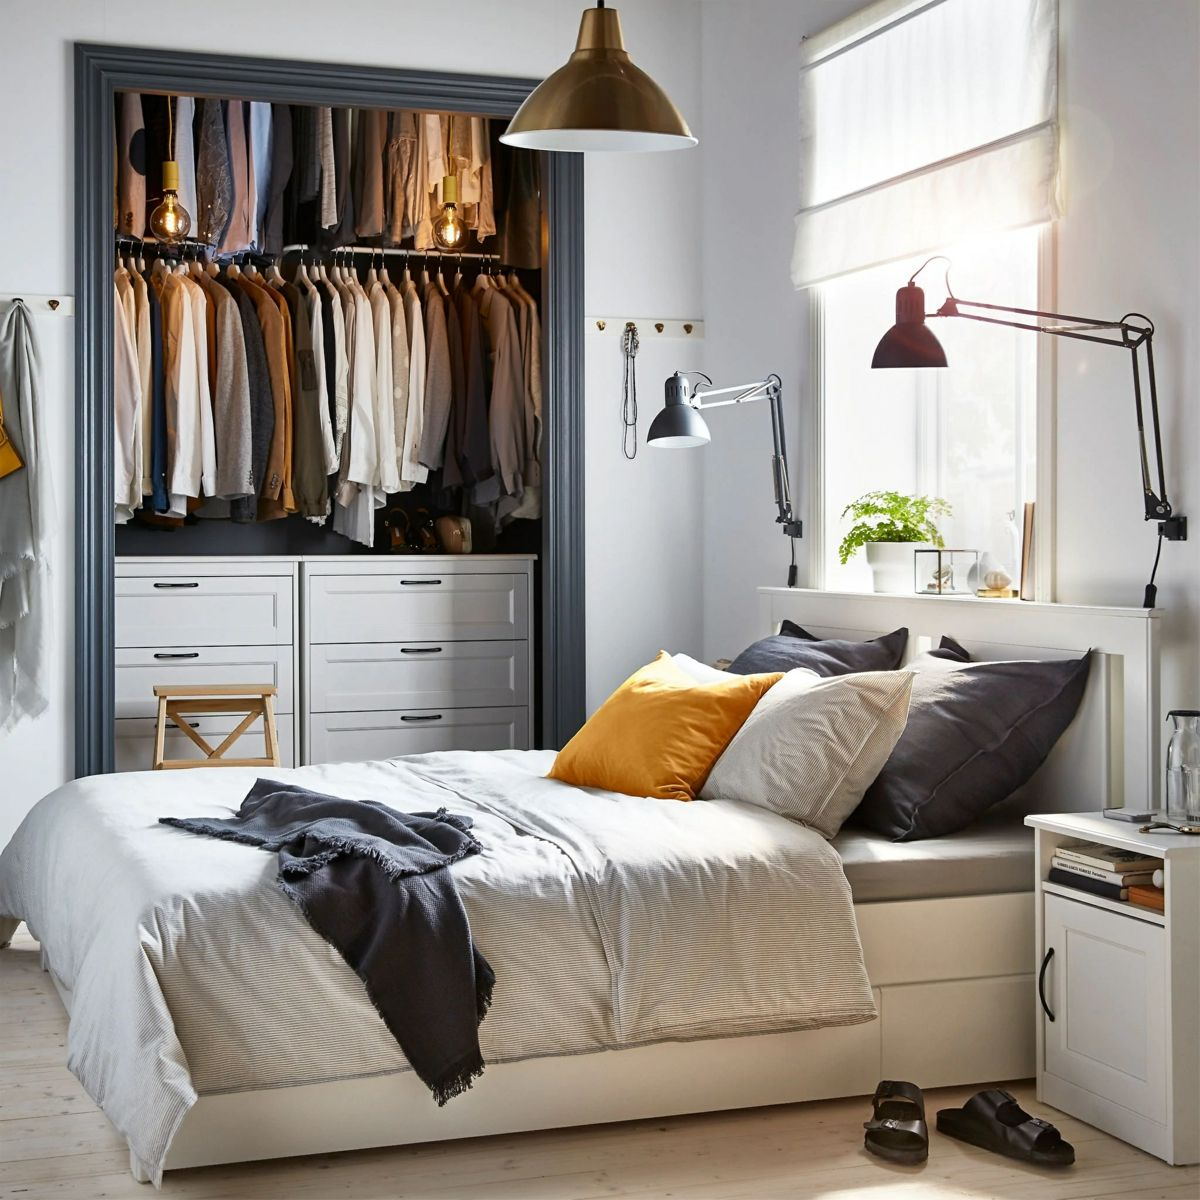 12 Qm Zimmer Einrichten Mit Mobeln Von Ikea In Weiss Und Begehbarem Schlafzimmer Aufbewahrung Stauraum Fur Kleine Schlafzimmer Ideen Fur Kleine Schlafzimmer